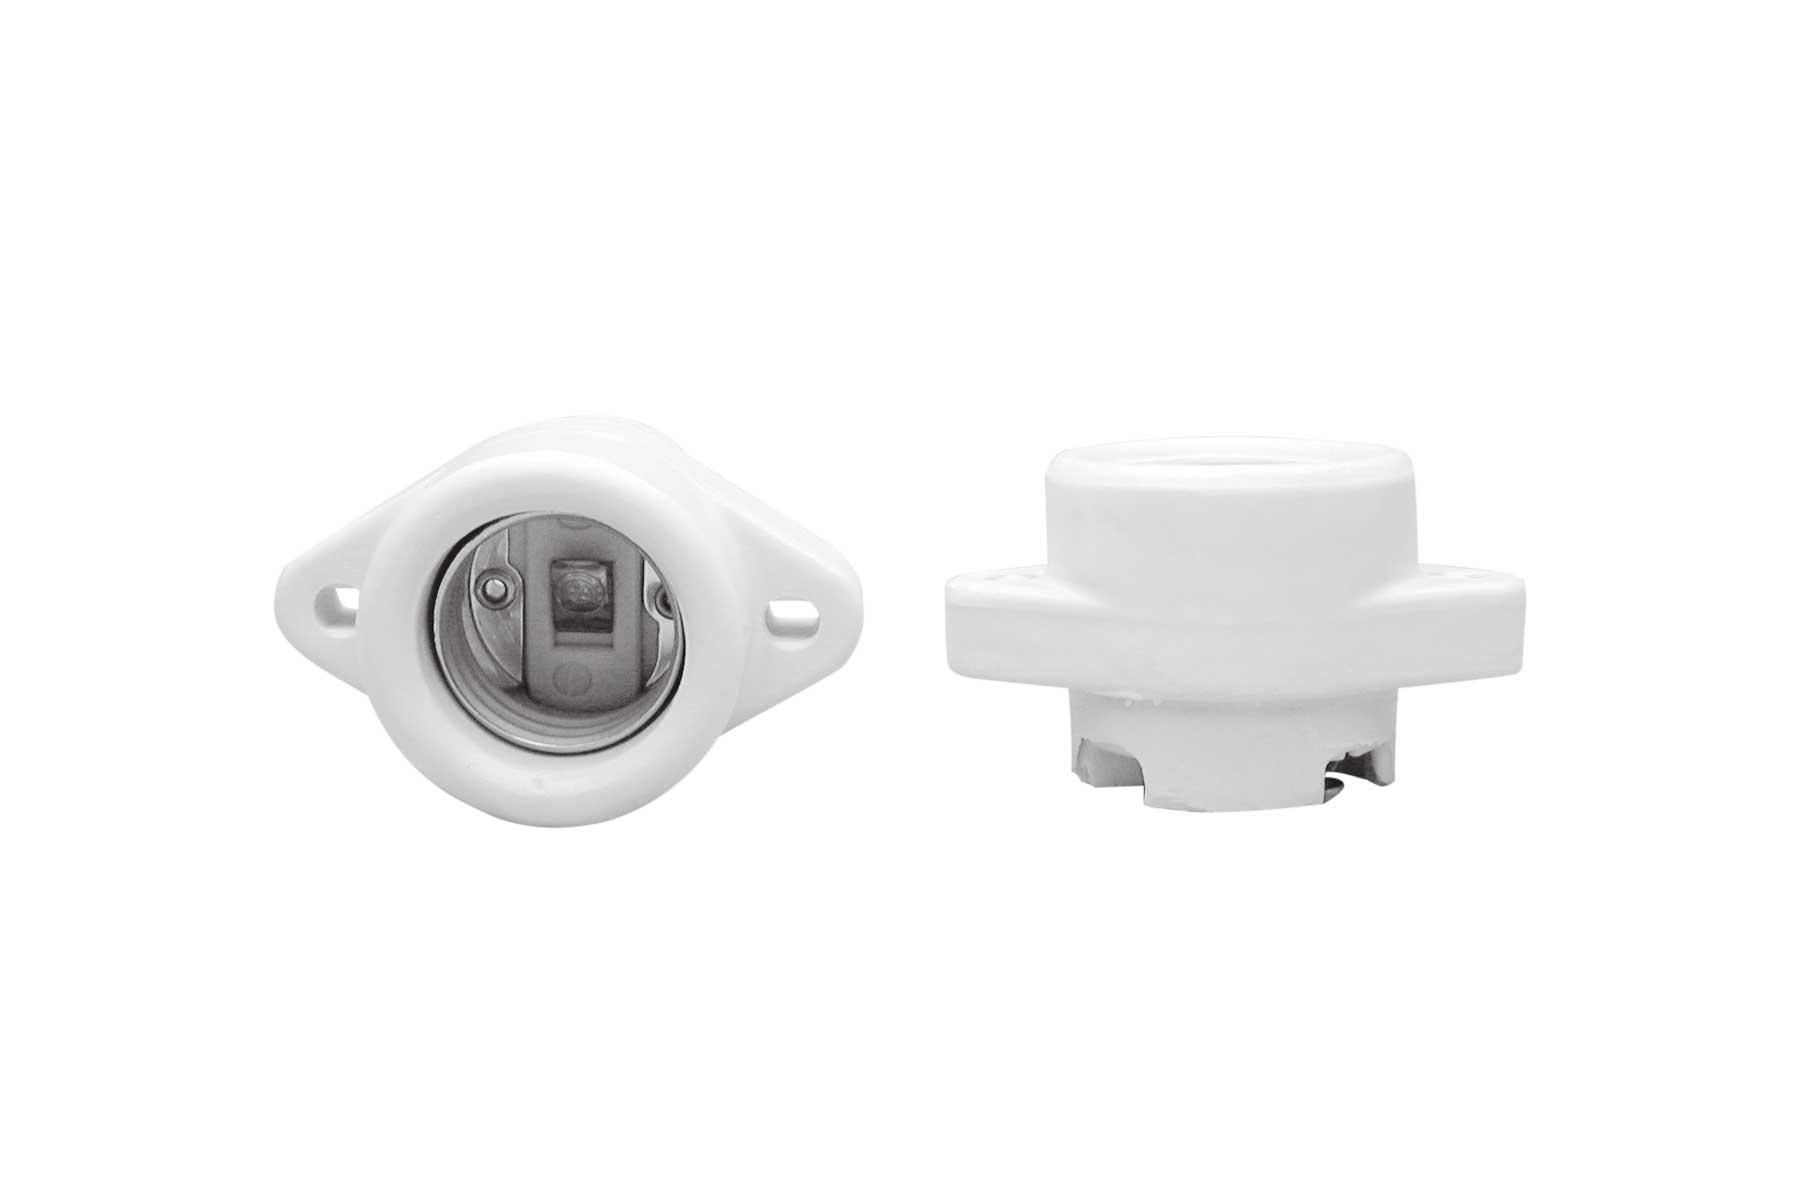 Porcelain Keyless Incandescent Light Socket for Commercial Reflector Units